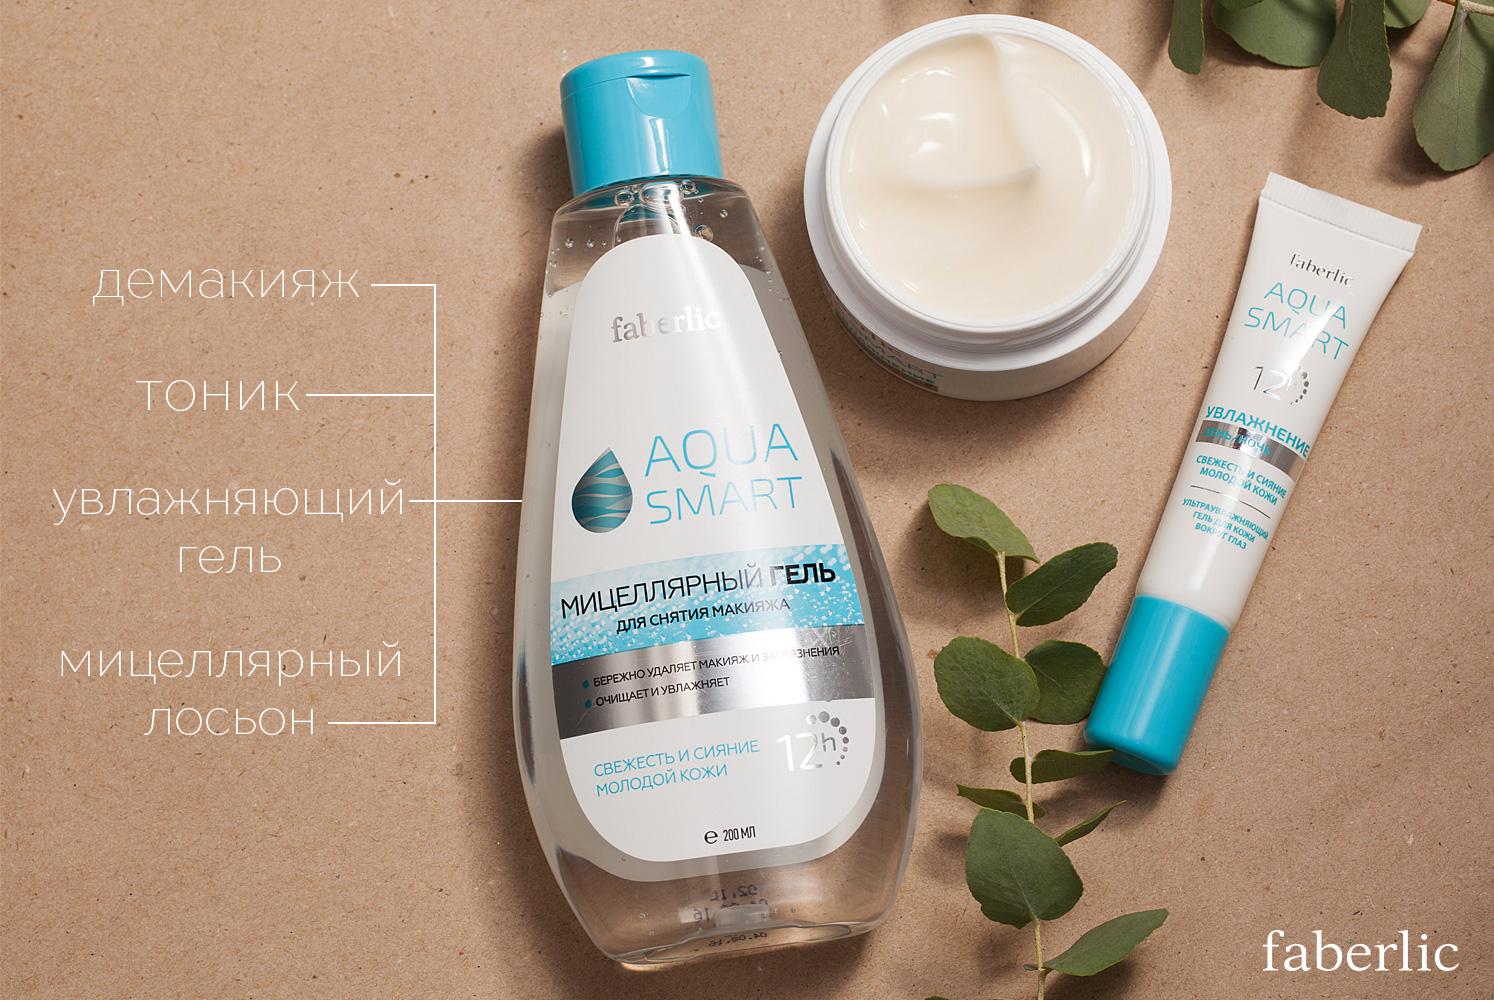 Aqua-smart